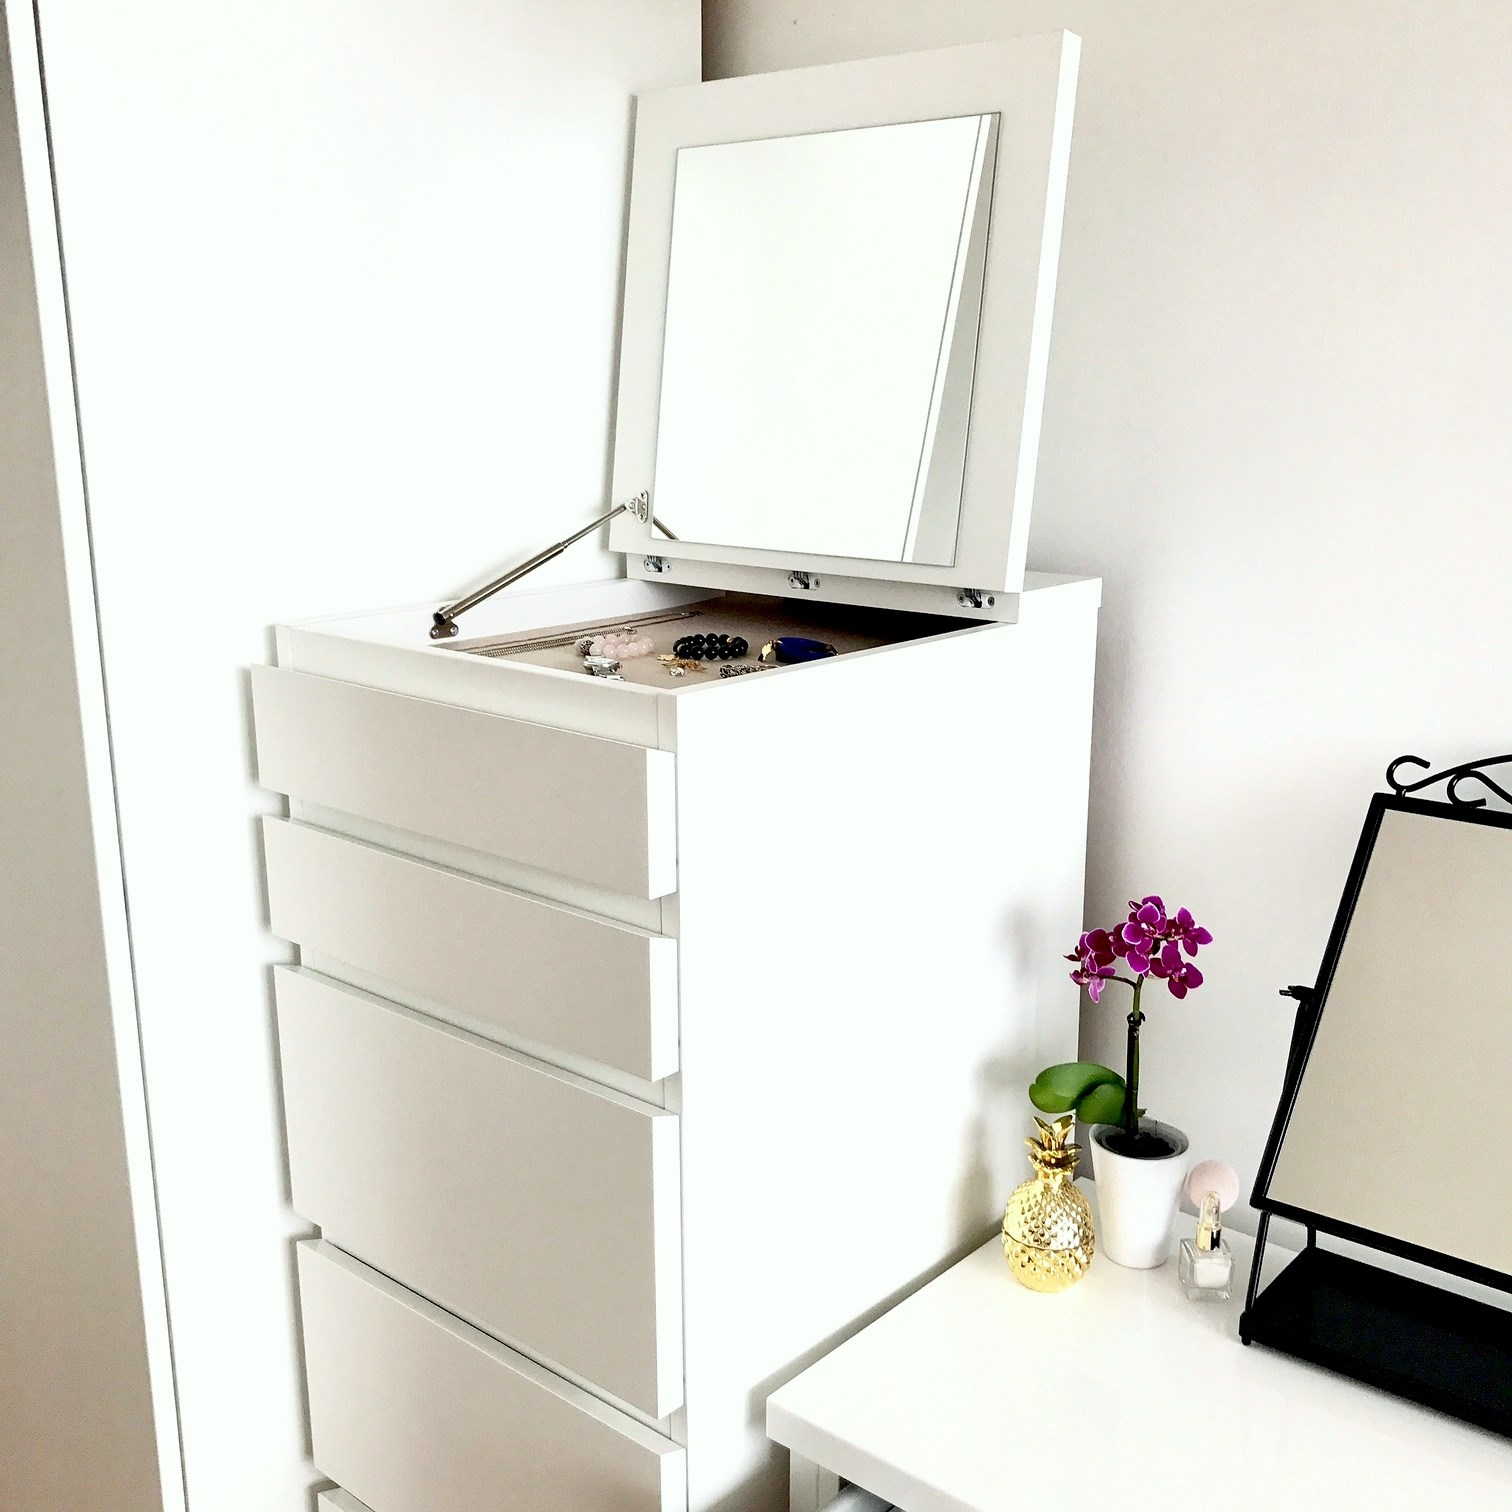 zdjęcie przedstawiające komodę Malm z Ikea